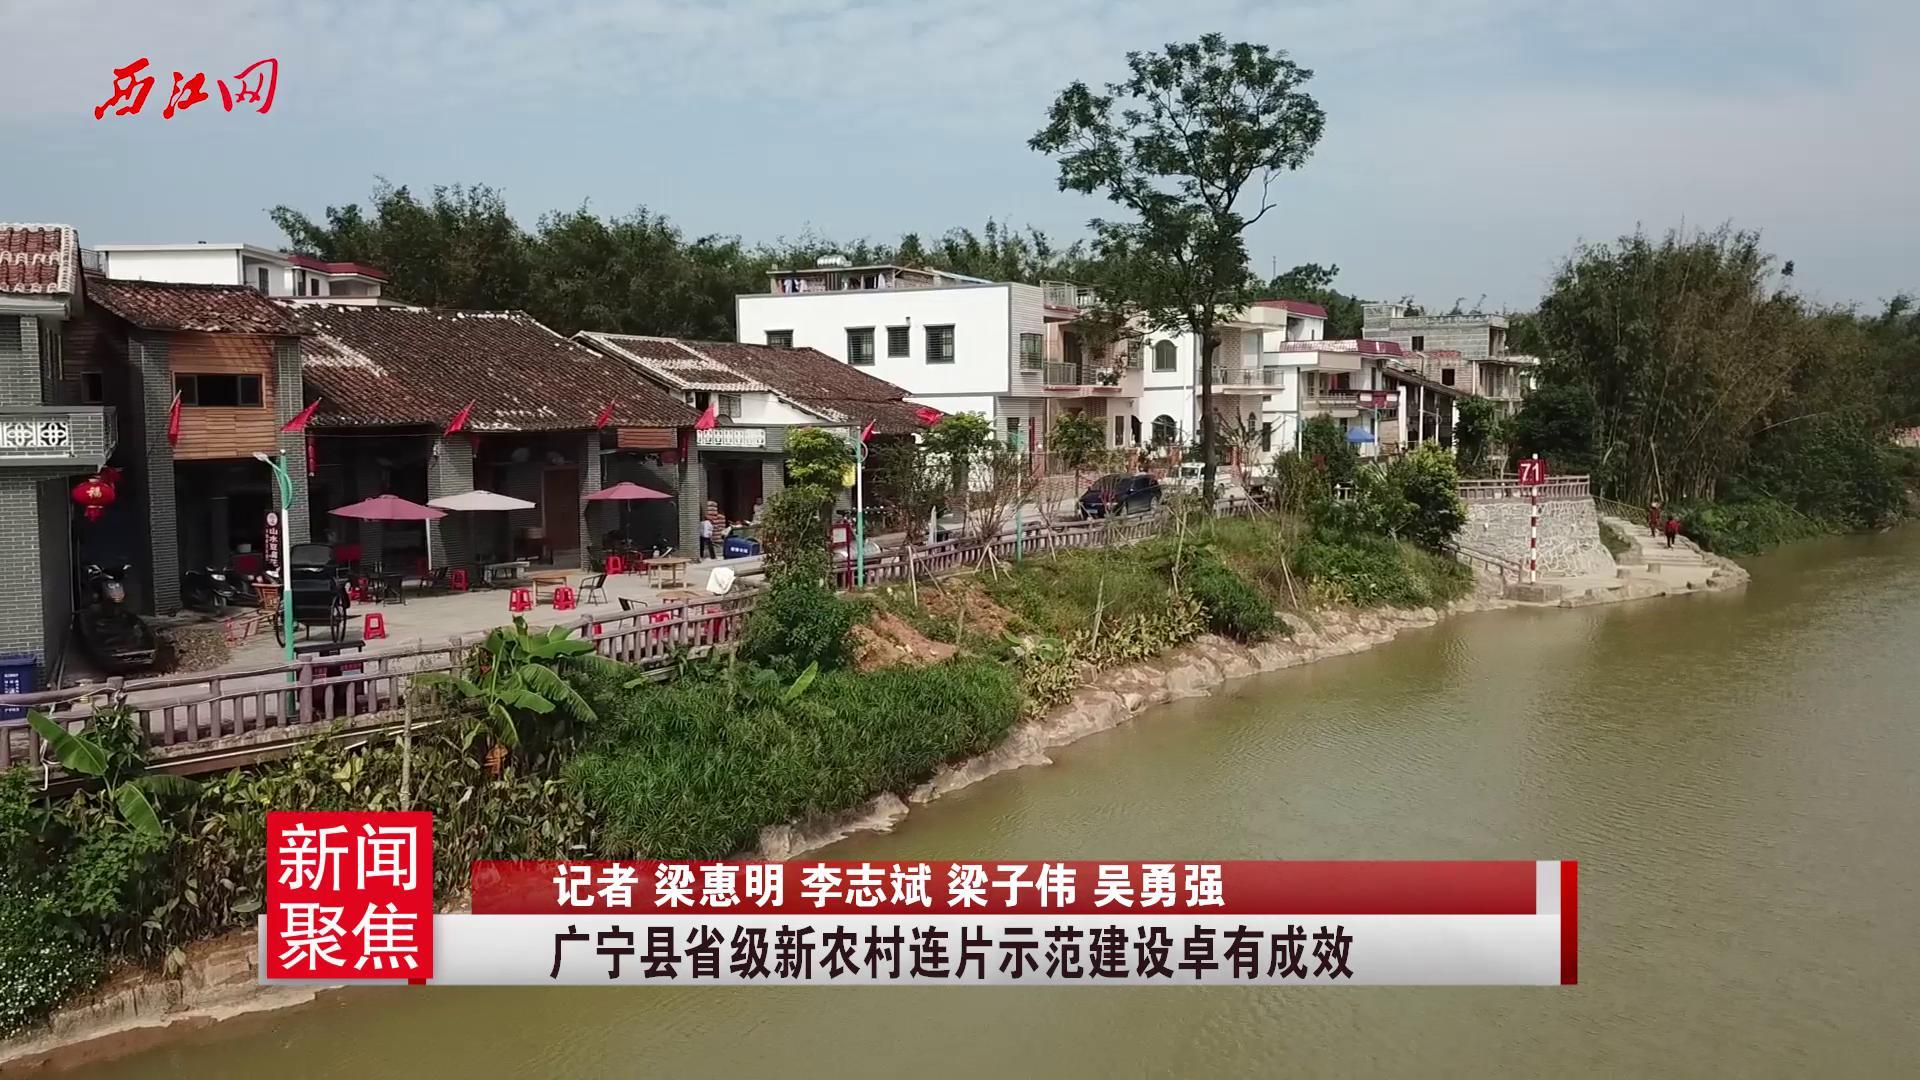 广宁县省级新农村连片示范建设卓有成效